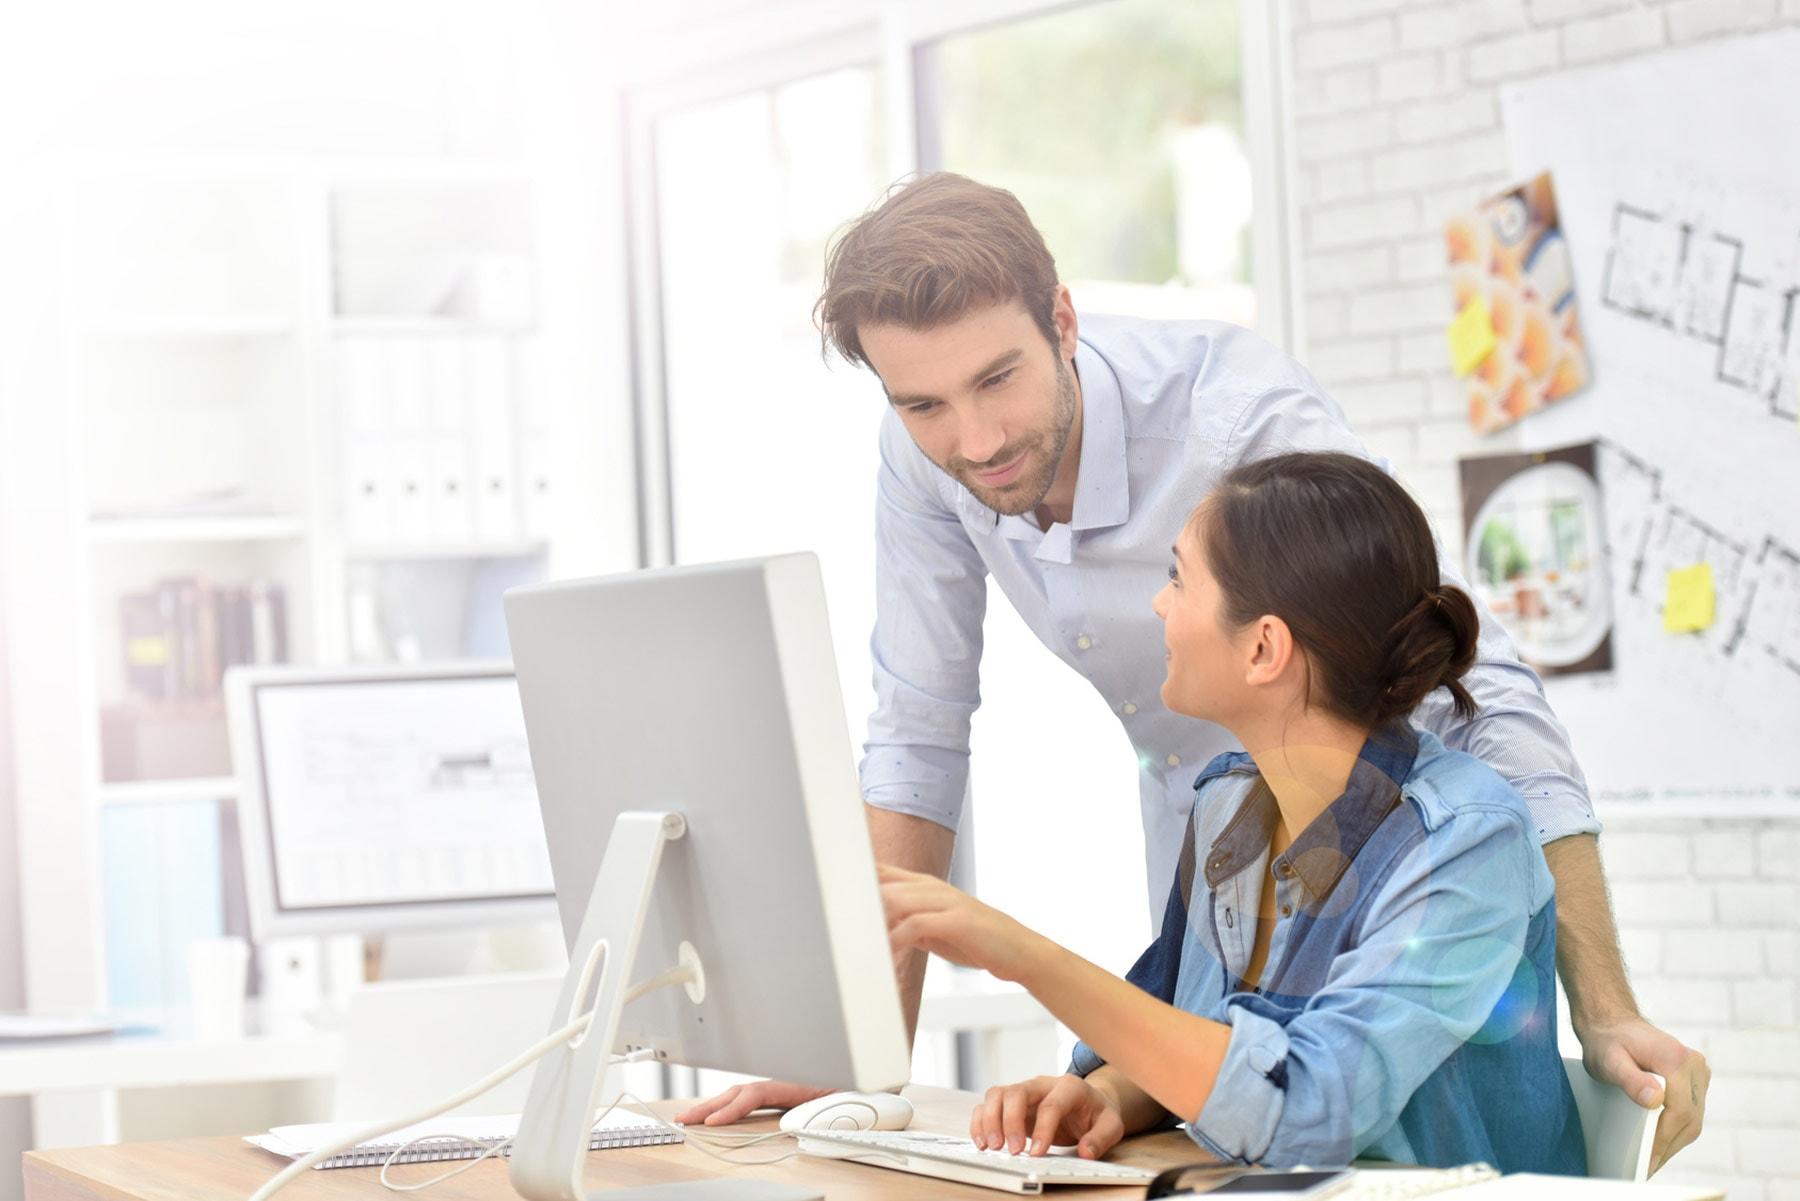 Mann und Frau vor Bildschirm im Büro